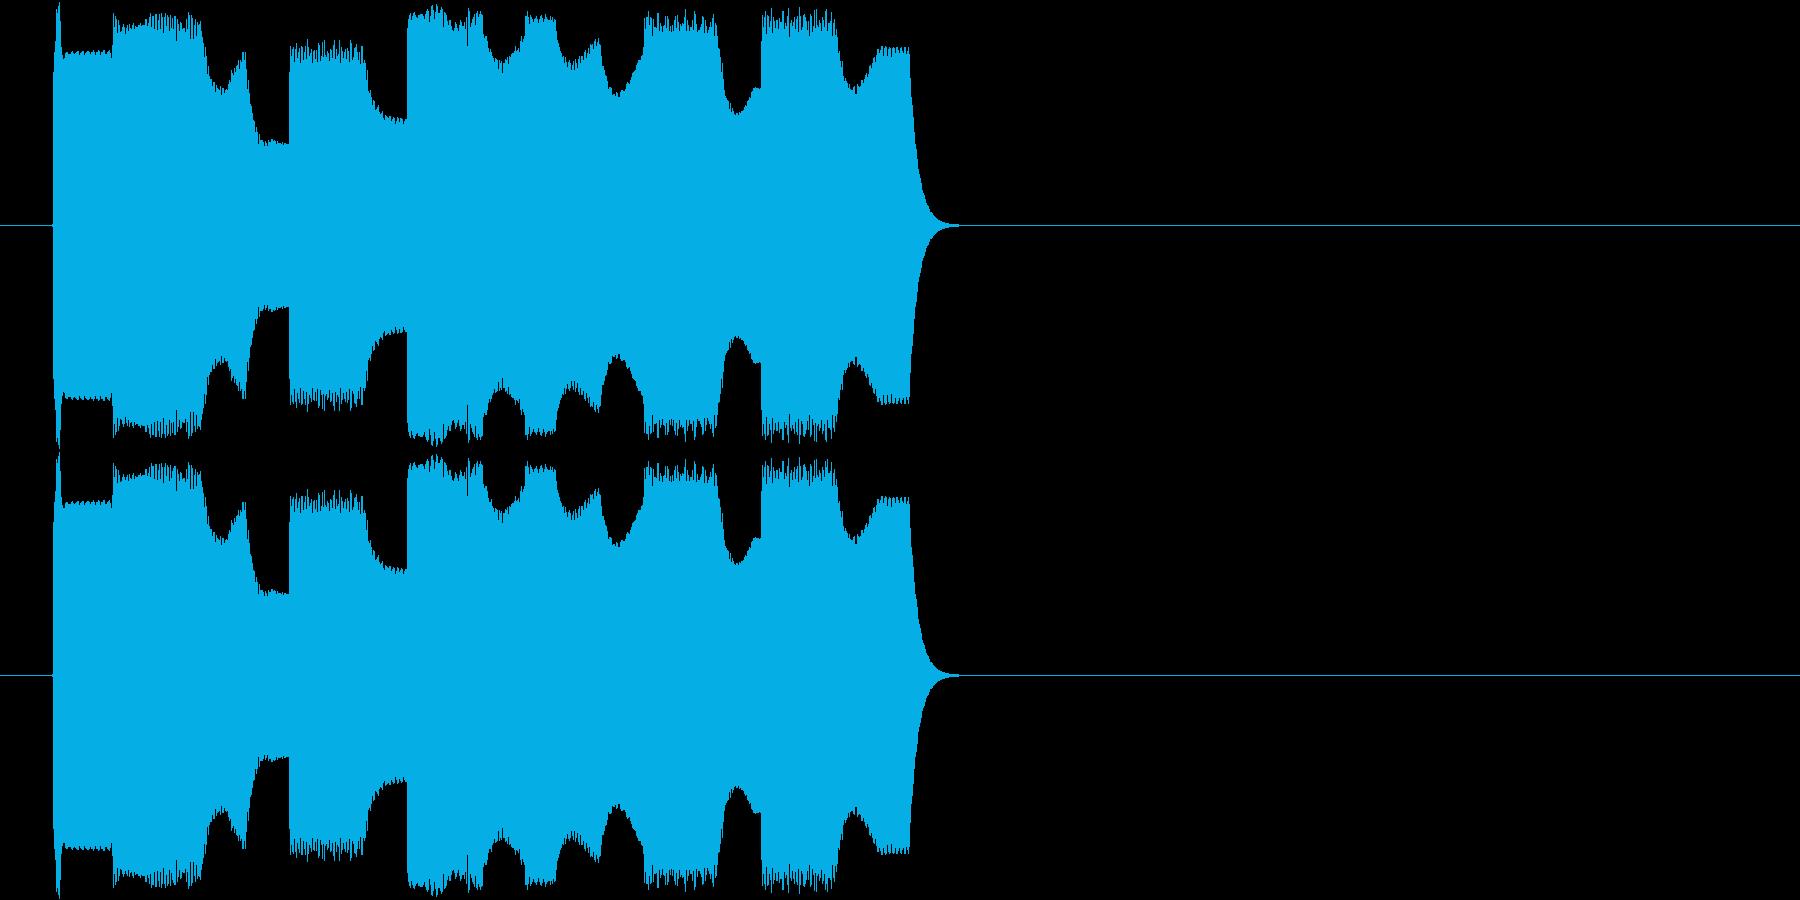 スマホや携帯電話のシンプルな着信音ですの再生済みの波形